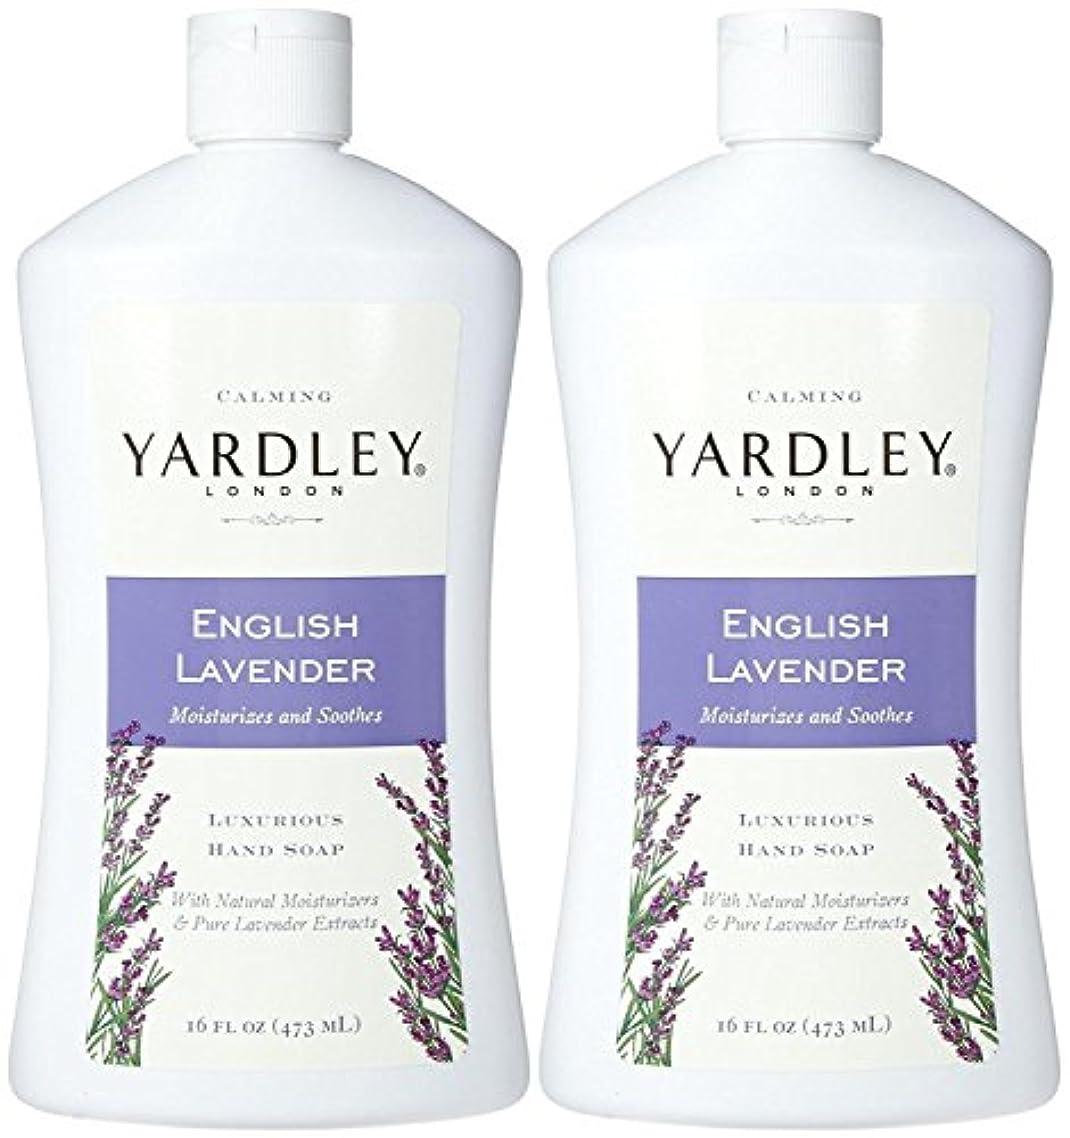 ボトル落とし穴ファイルYardley London Liquid Hand Soap - English Lavender - 16 oz - 2 pk by Yardley London [並行輸入品]